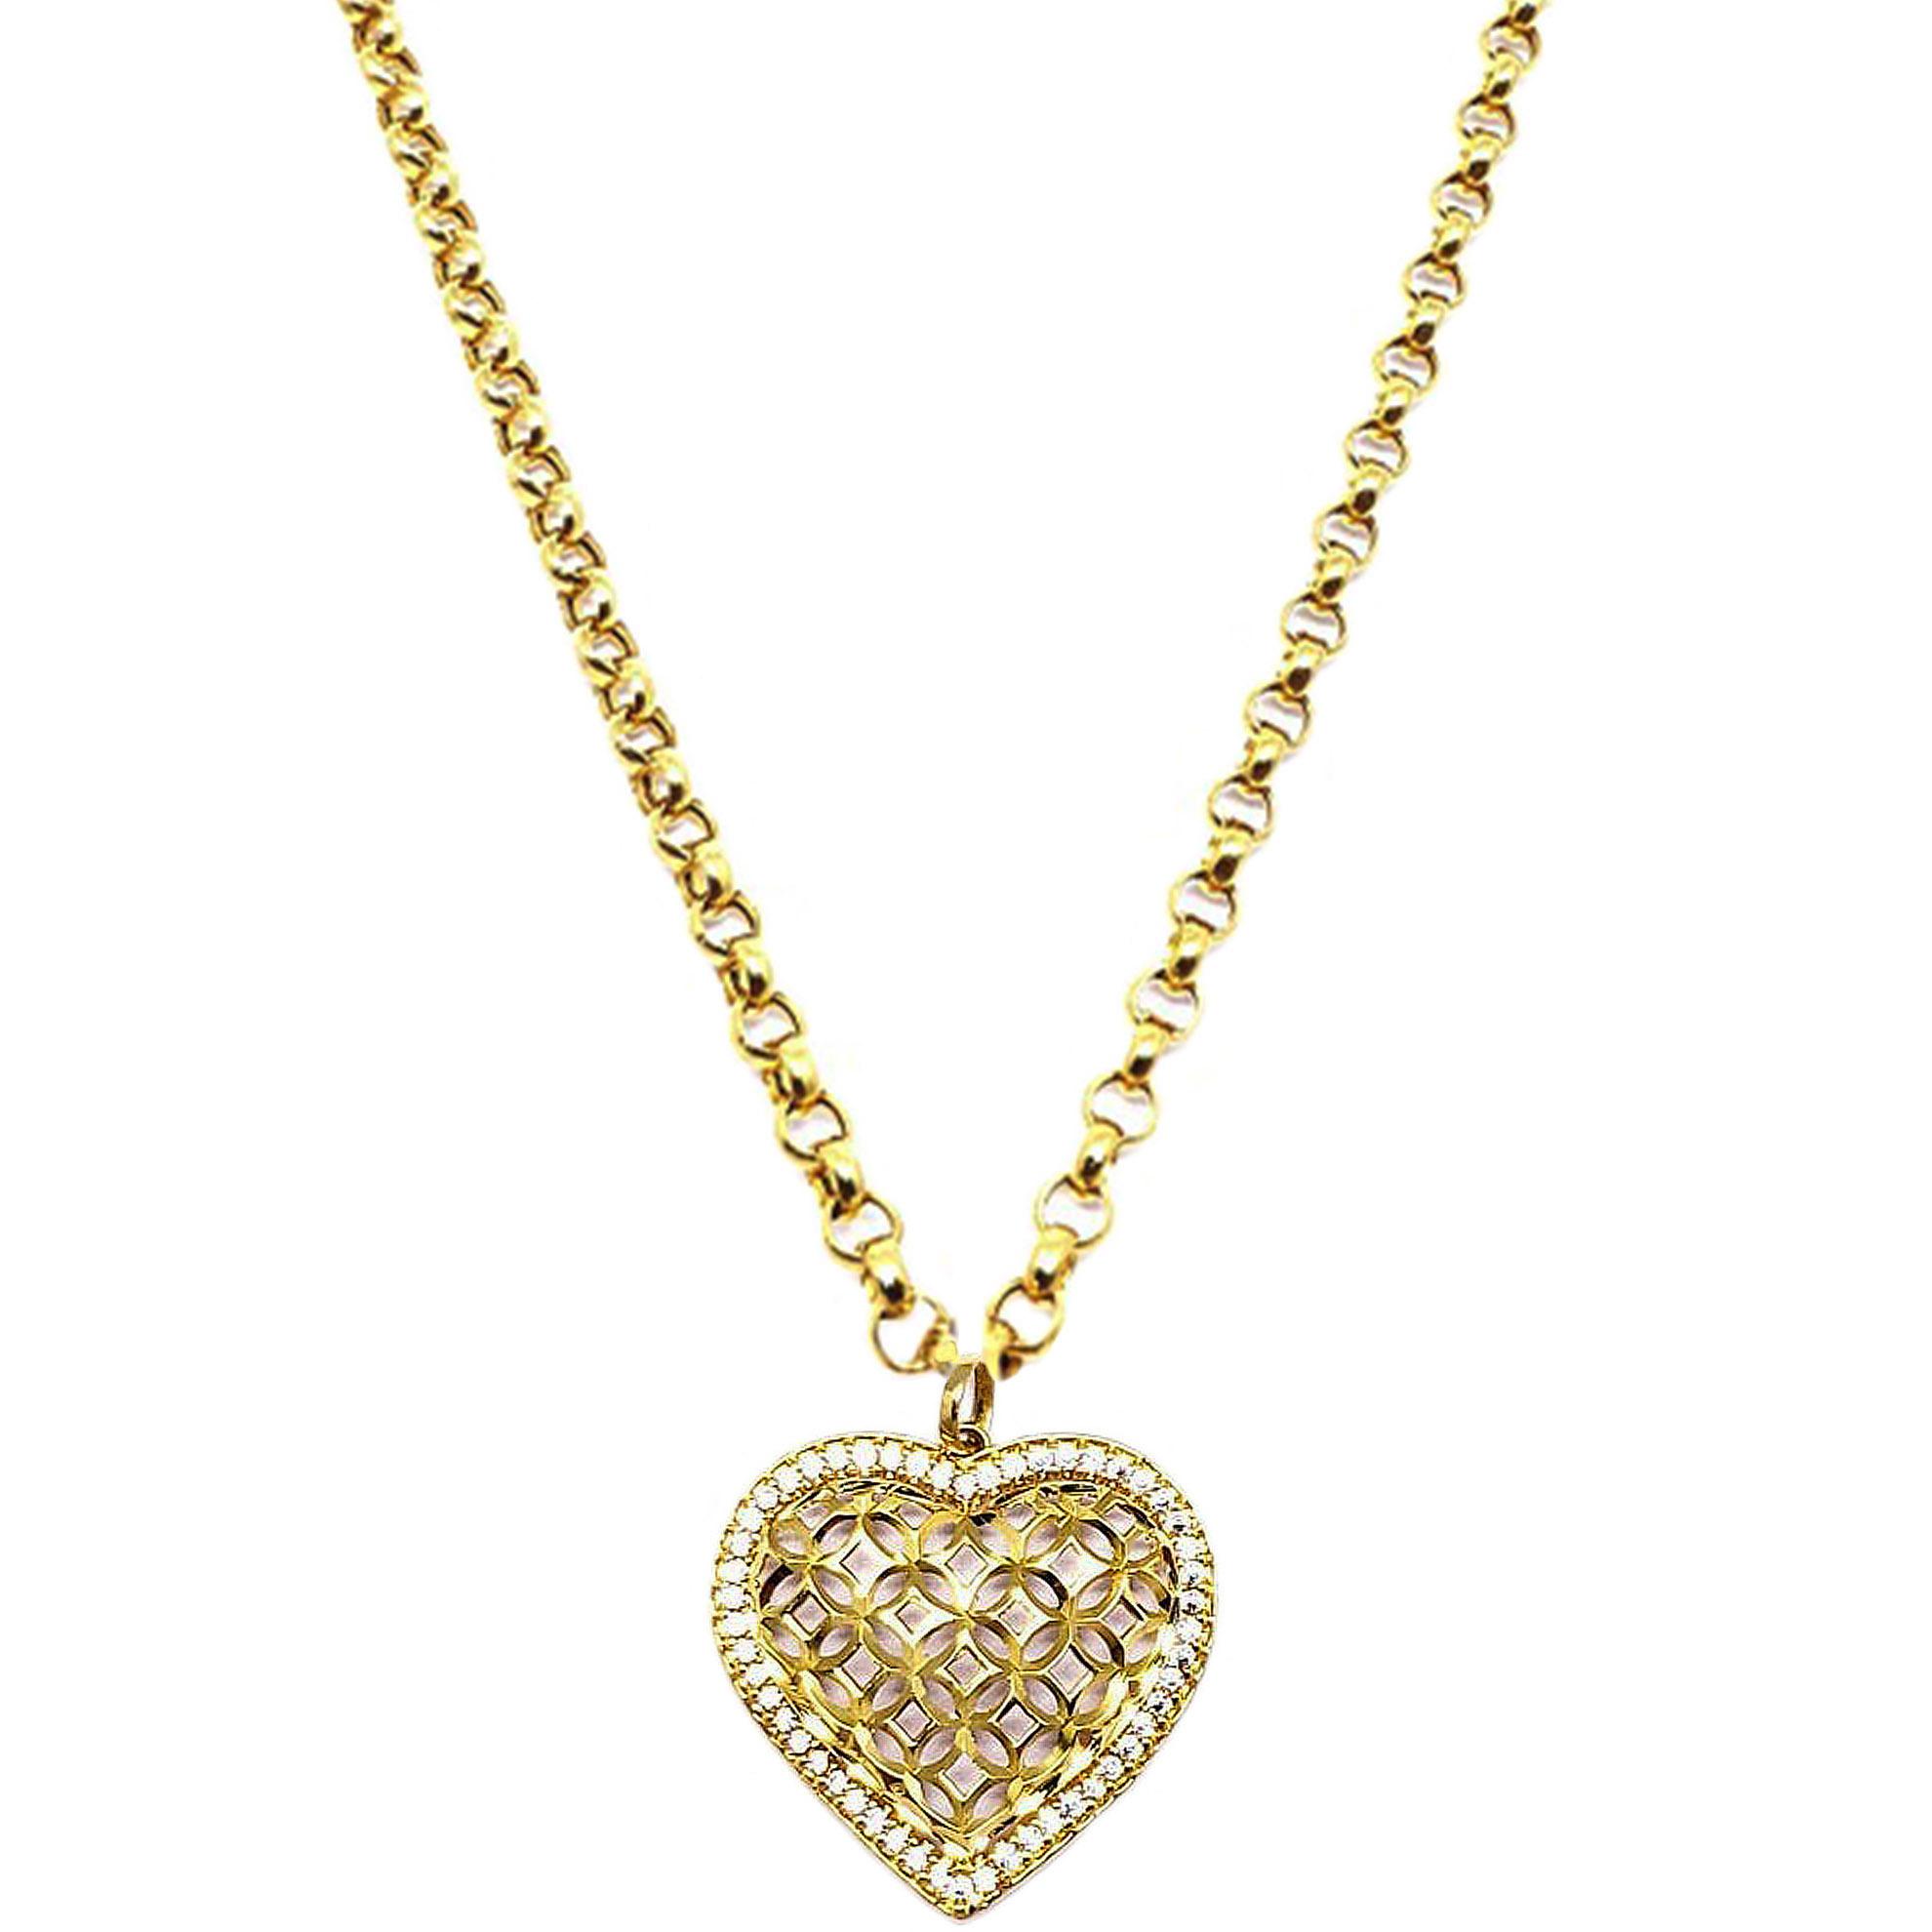 Pingente Coração Vazado c/ Zircônias em Ouro 18 Kilates